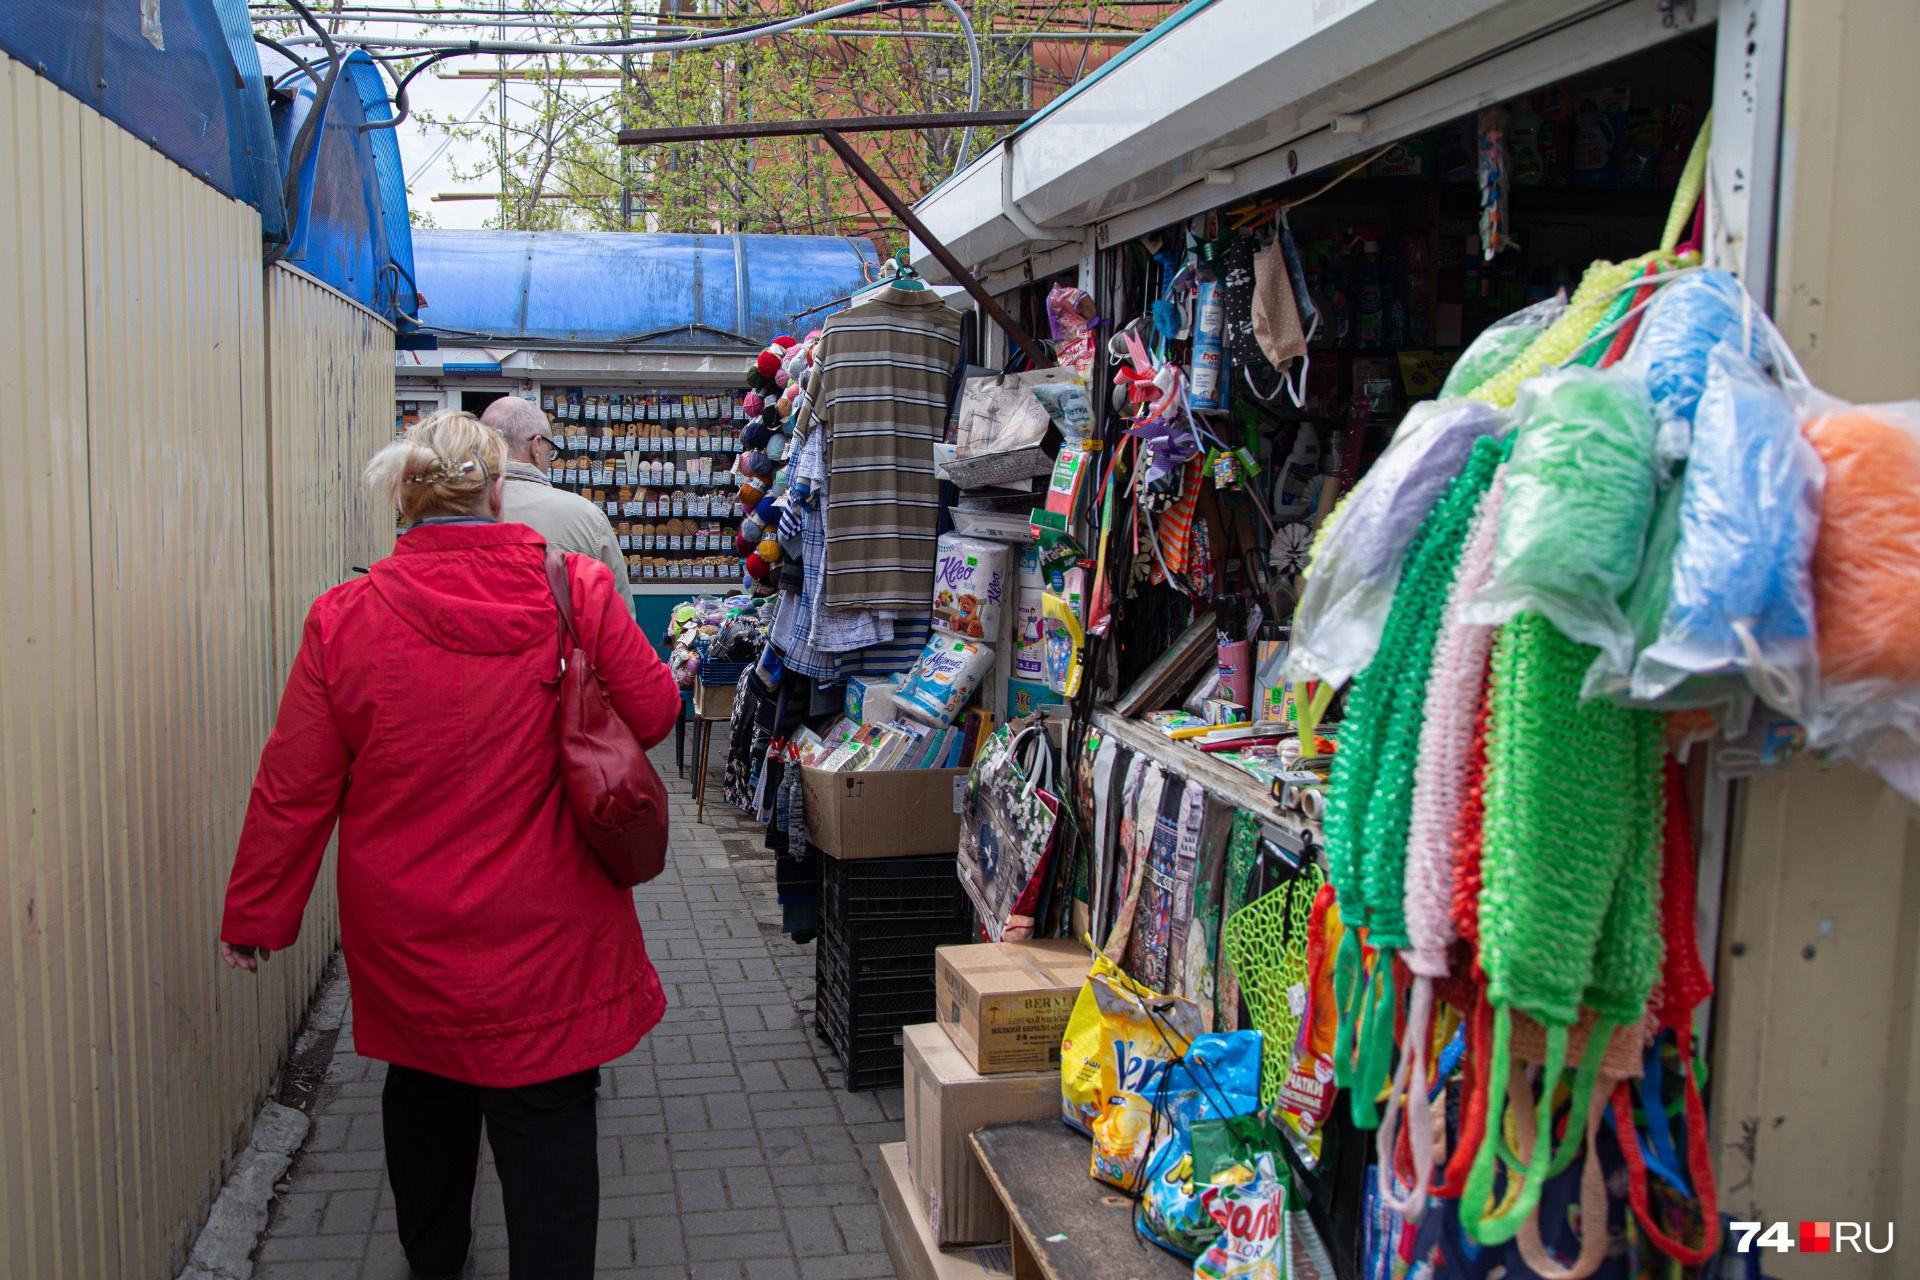 Помимо продуктов на перекрёстке Гагарина и Руставели торгуют и одеждой, и бытовой химией